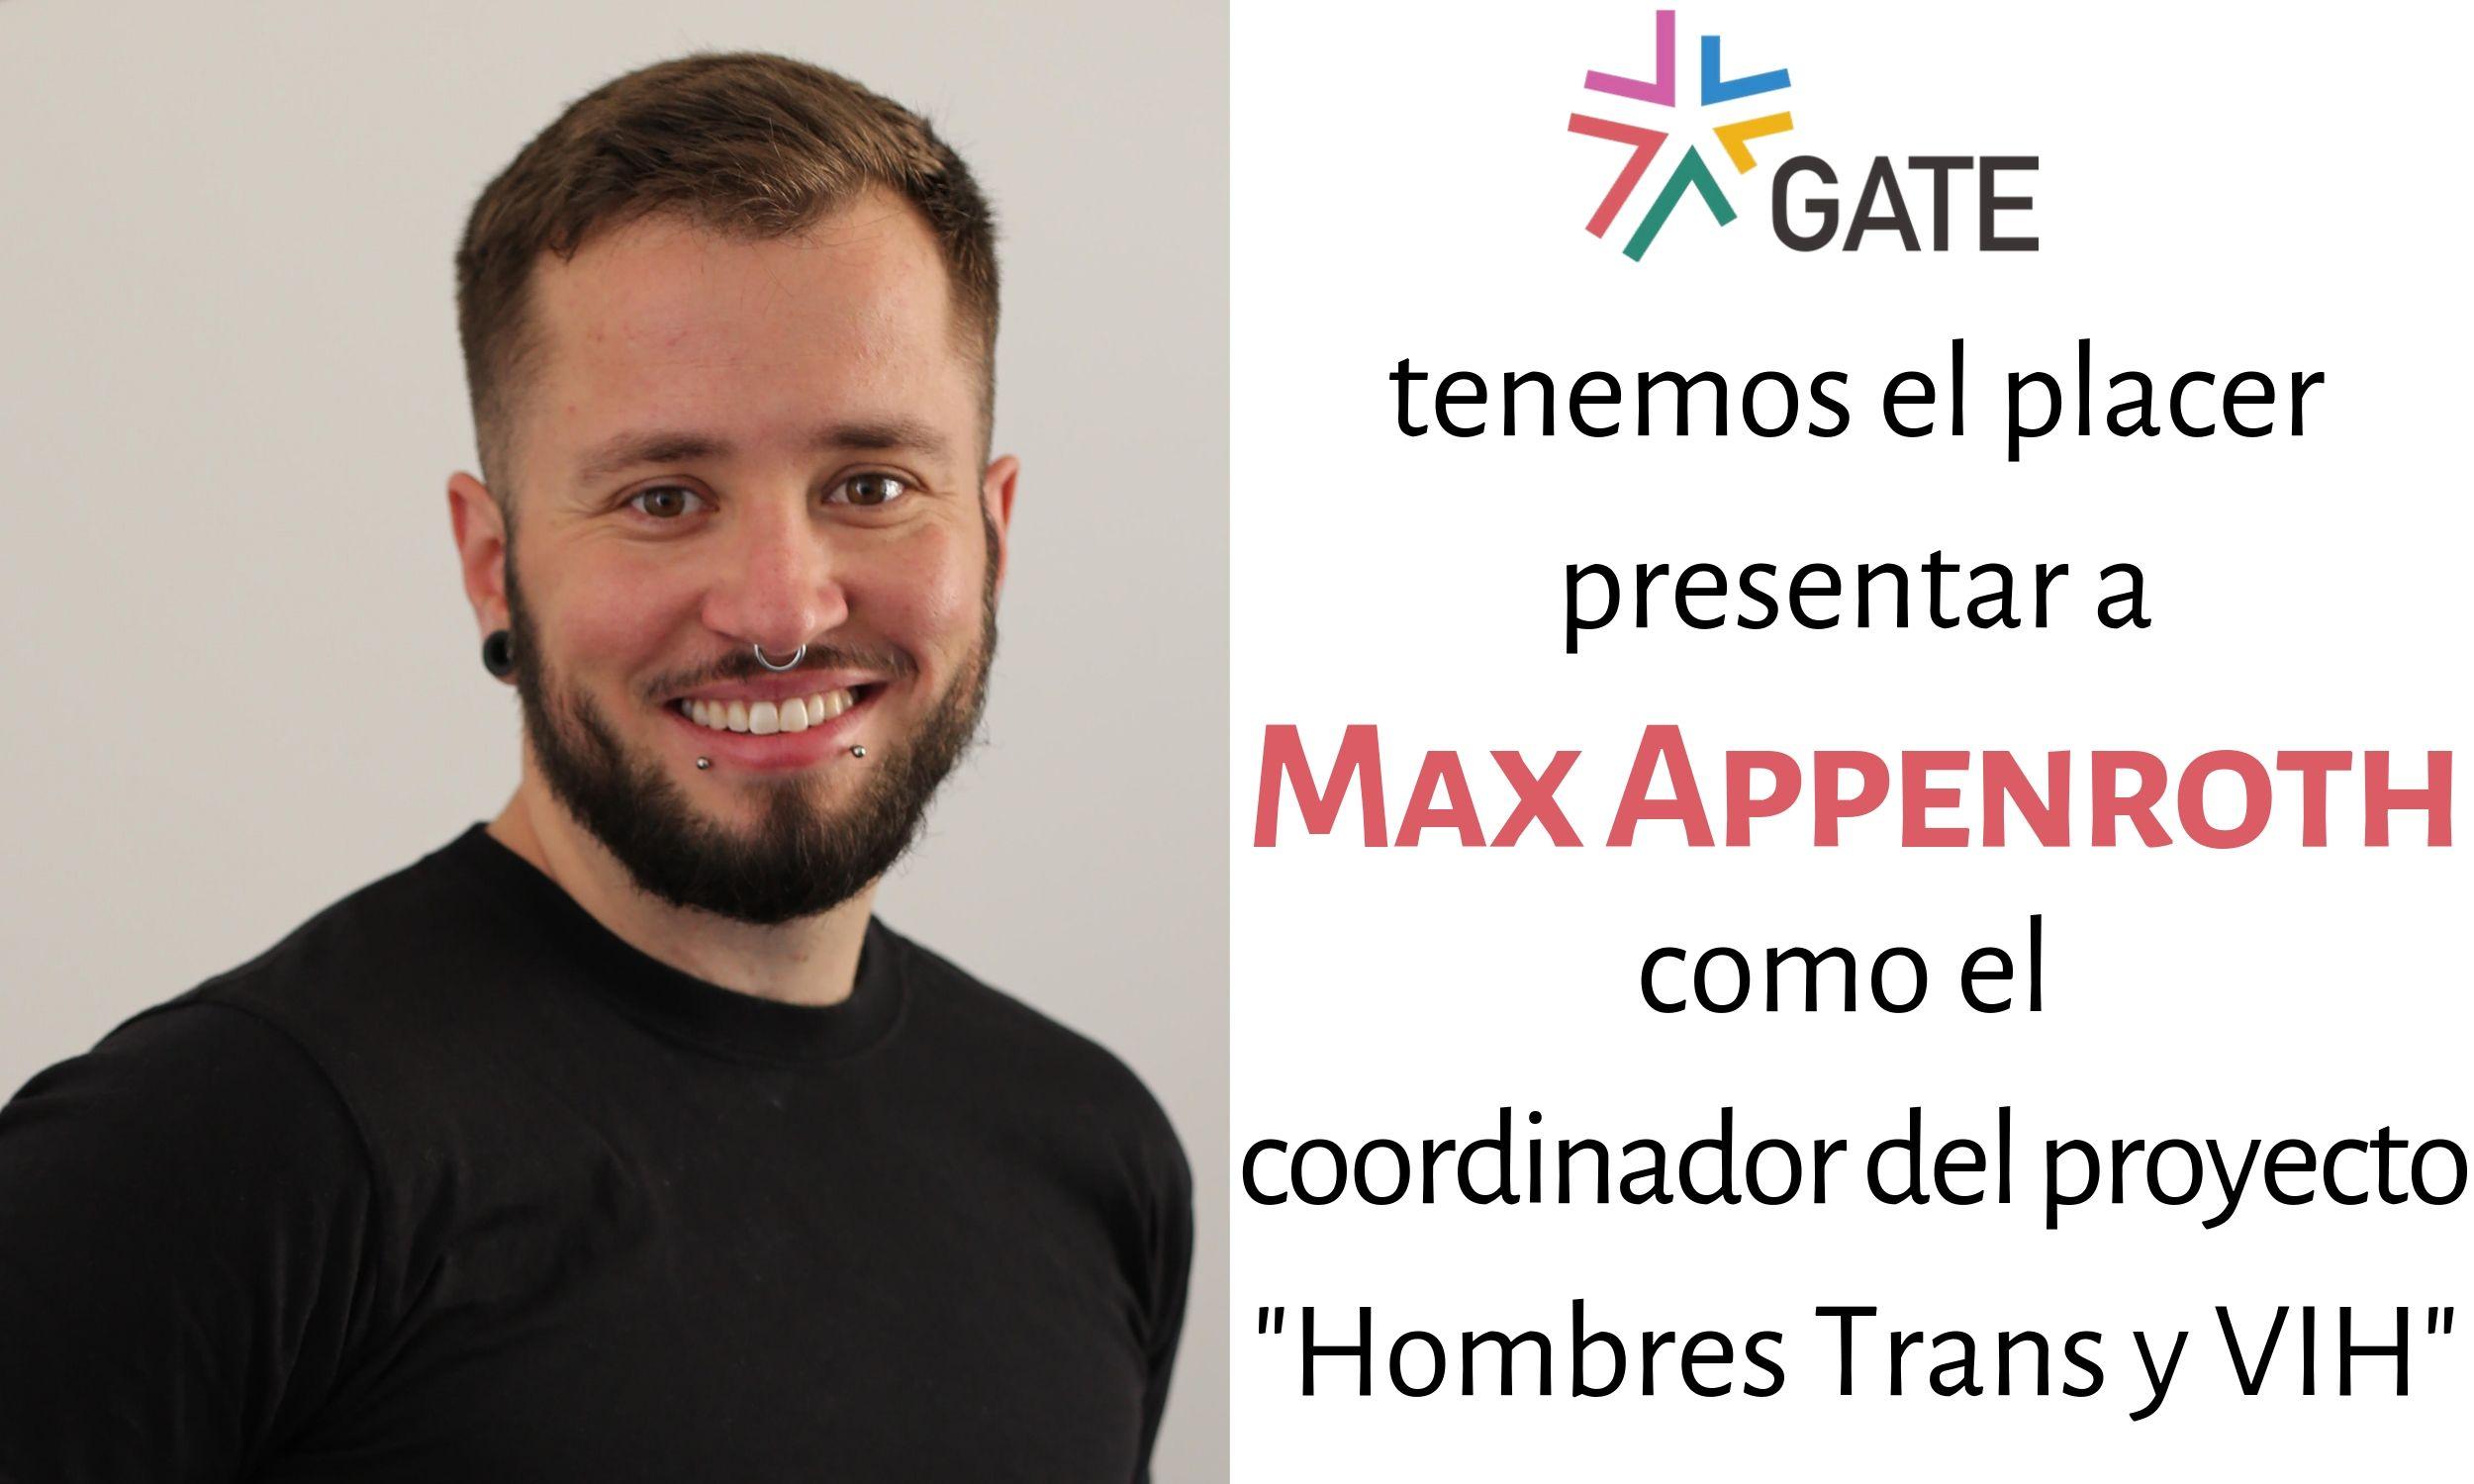 """Anuncio: GATE suma un coordinador para su proyecto """"Hombres Trans y VIH"""""""